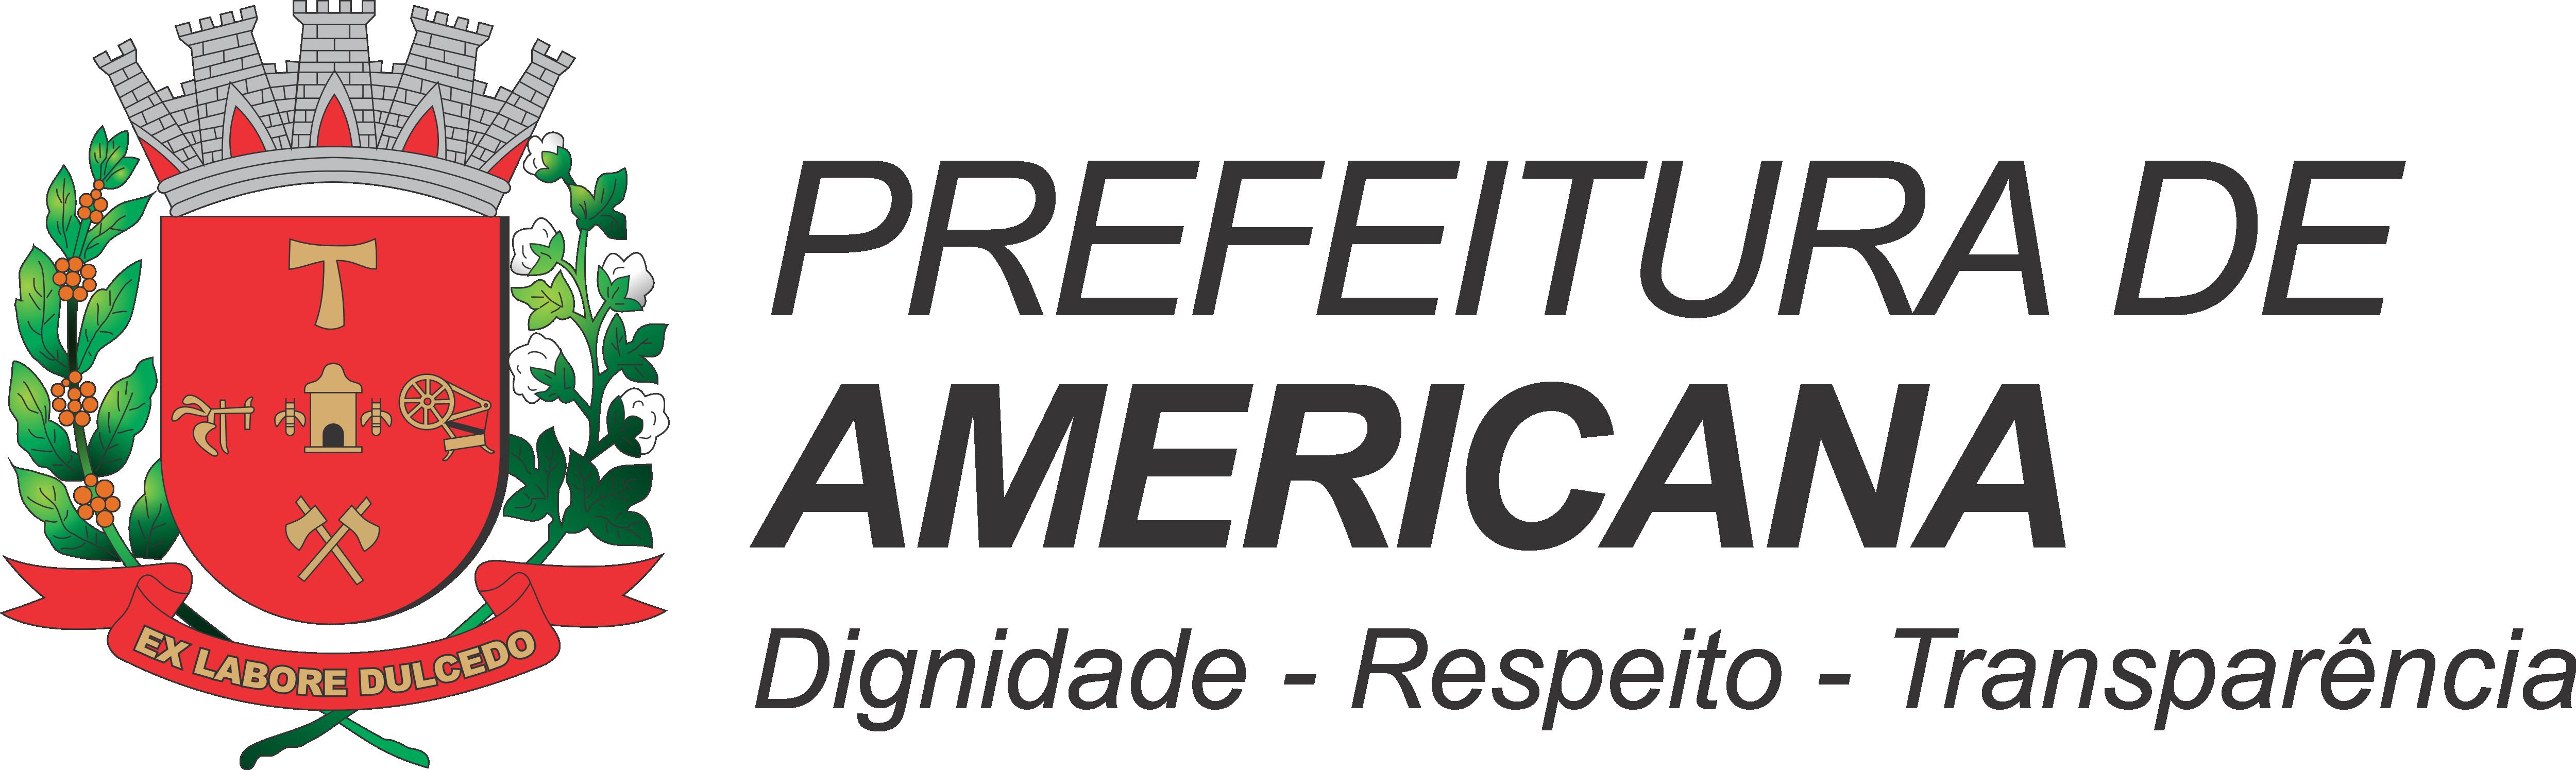 LOGO PREFEITURA AMERICANA